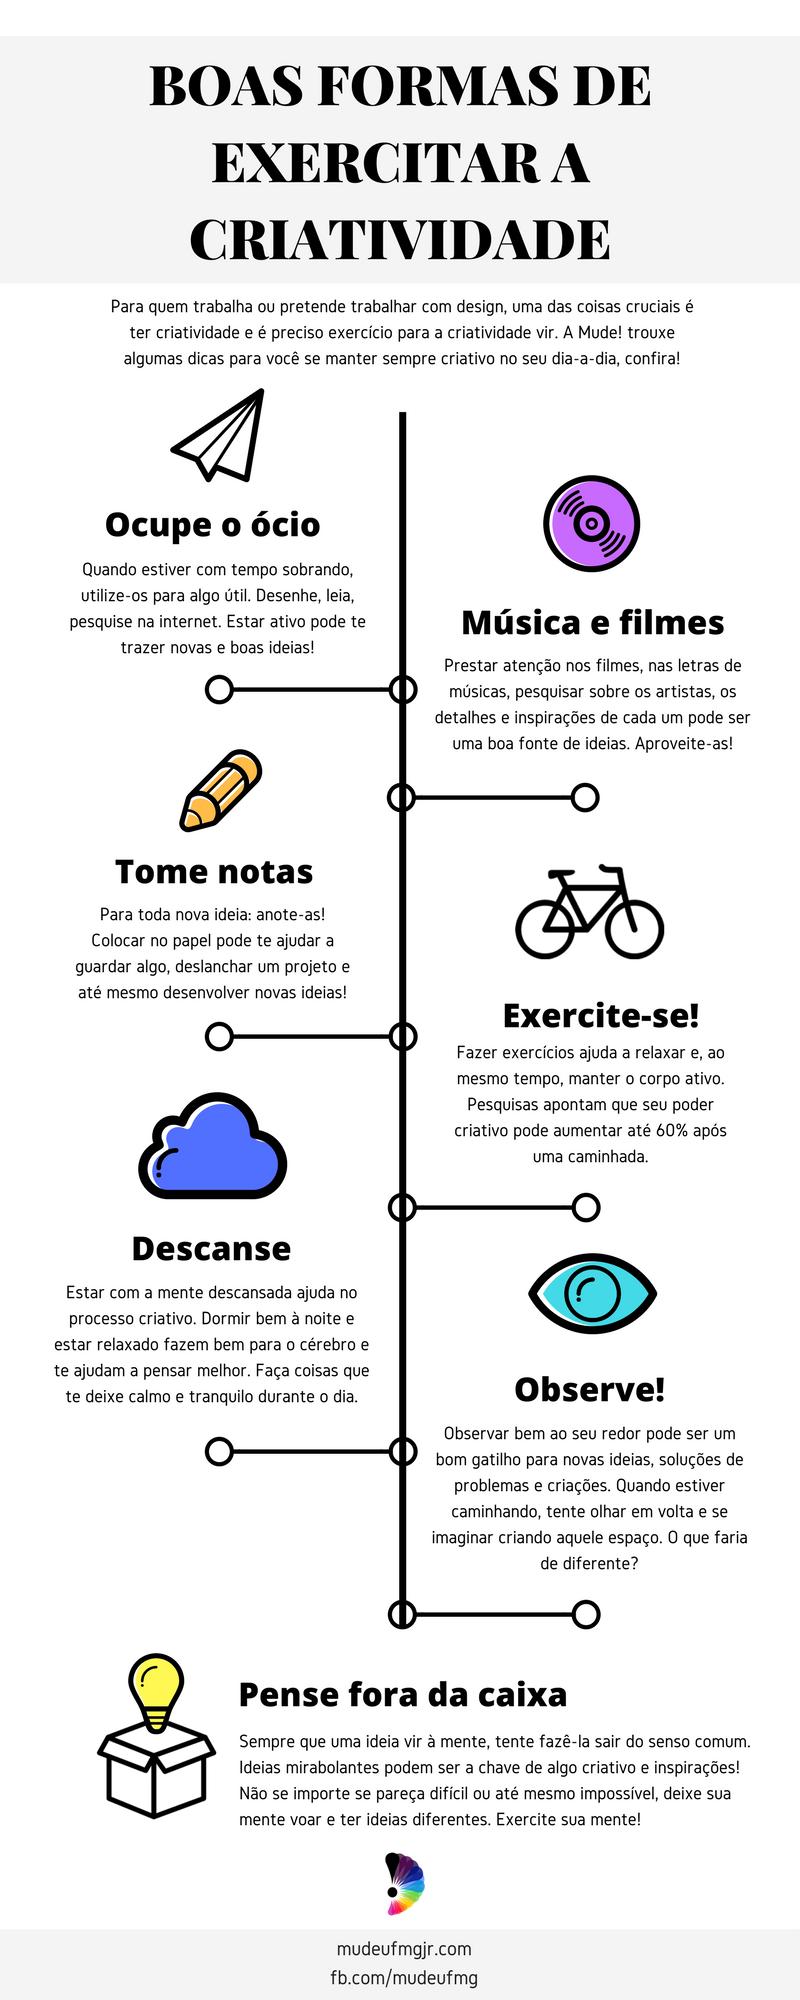 Infográfico: Boas formas de exercitar a criatividade